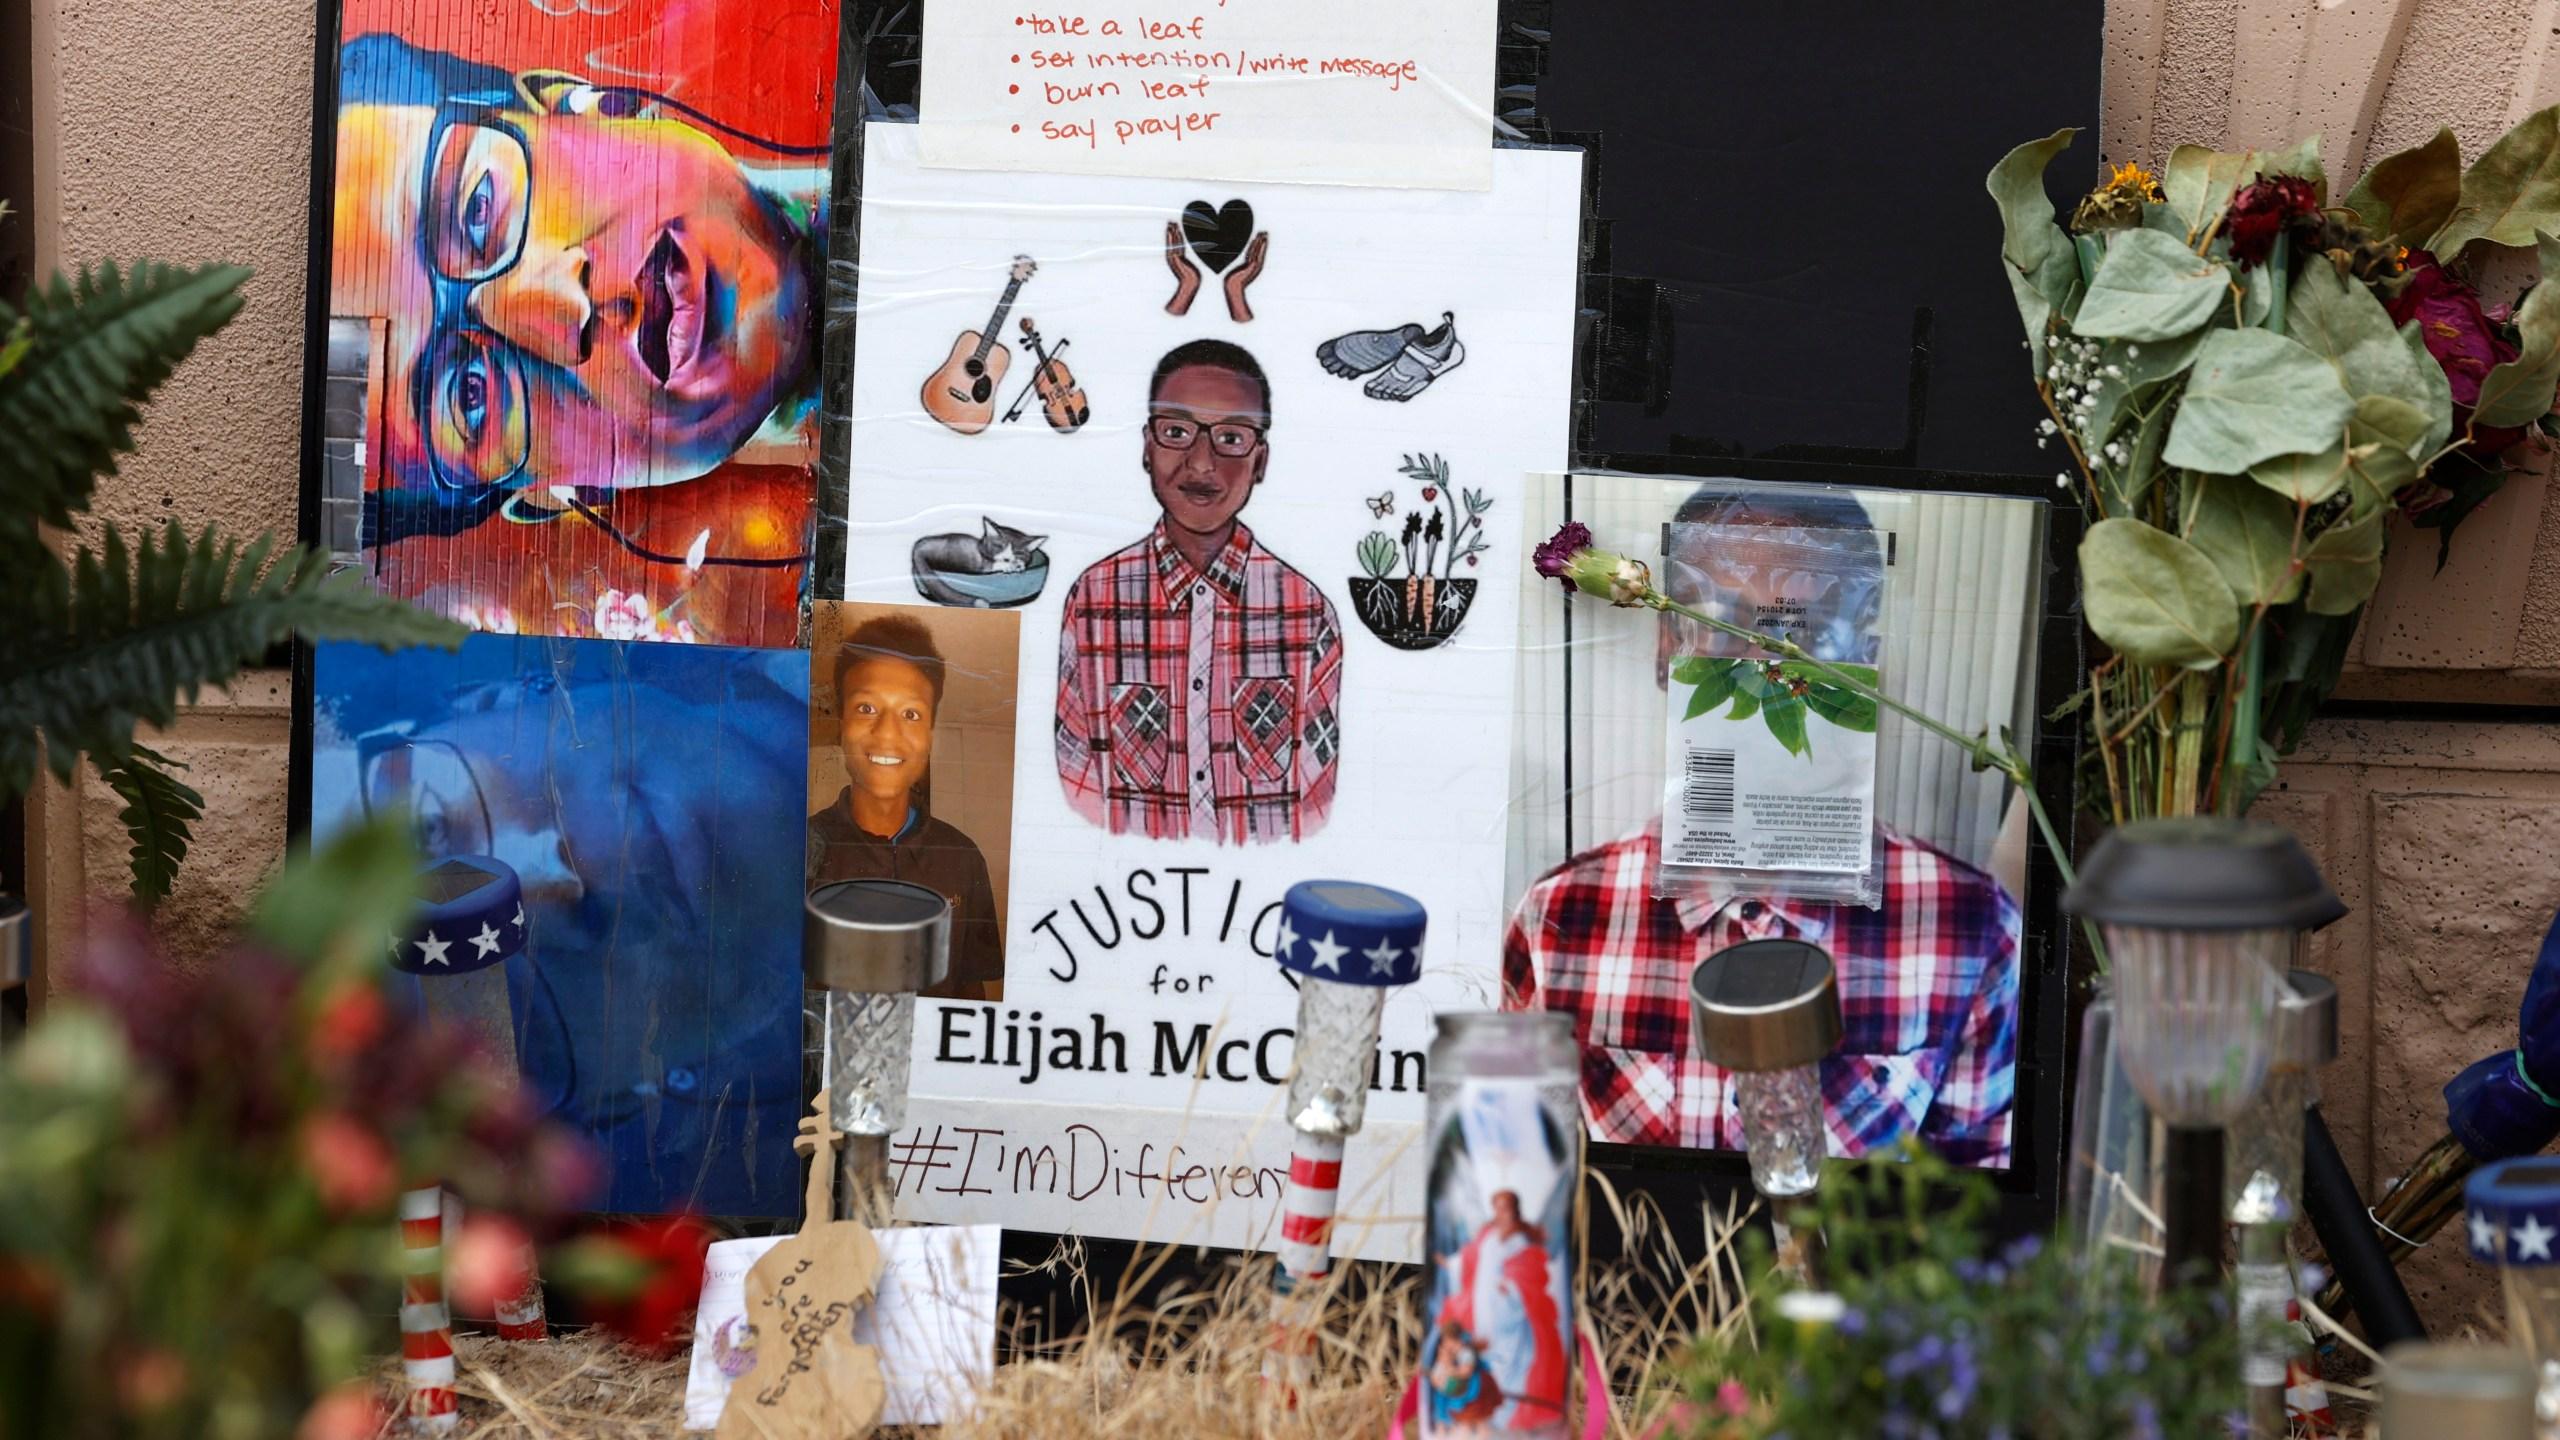 Elijan mcClain memorial, r m